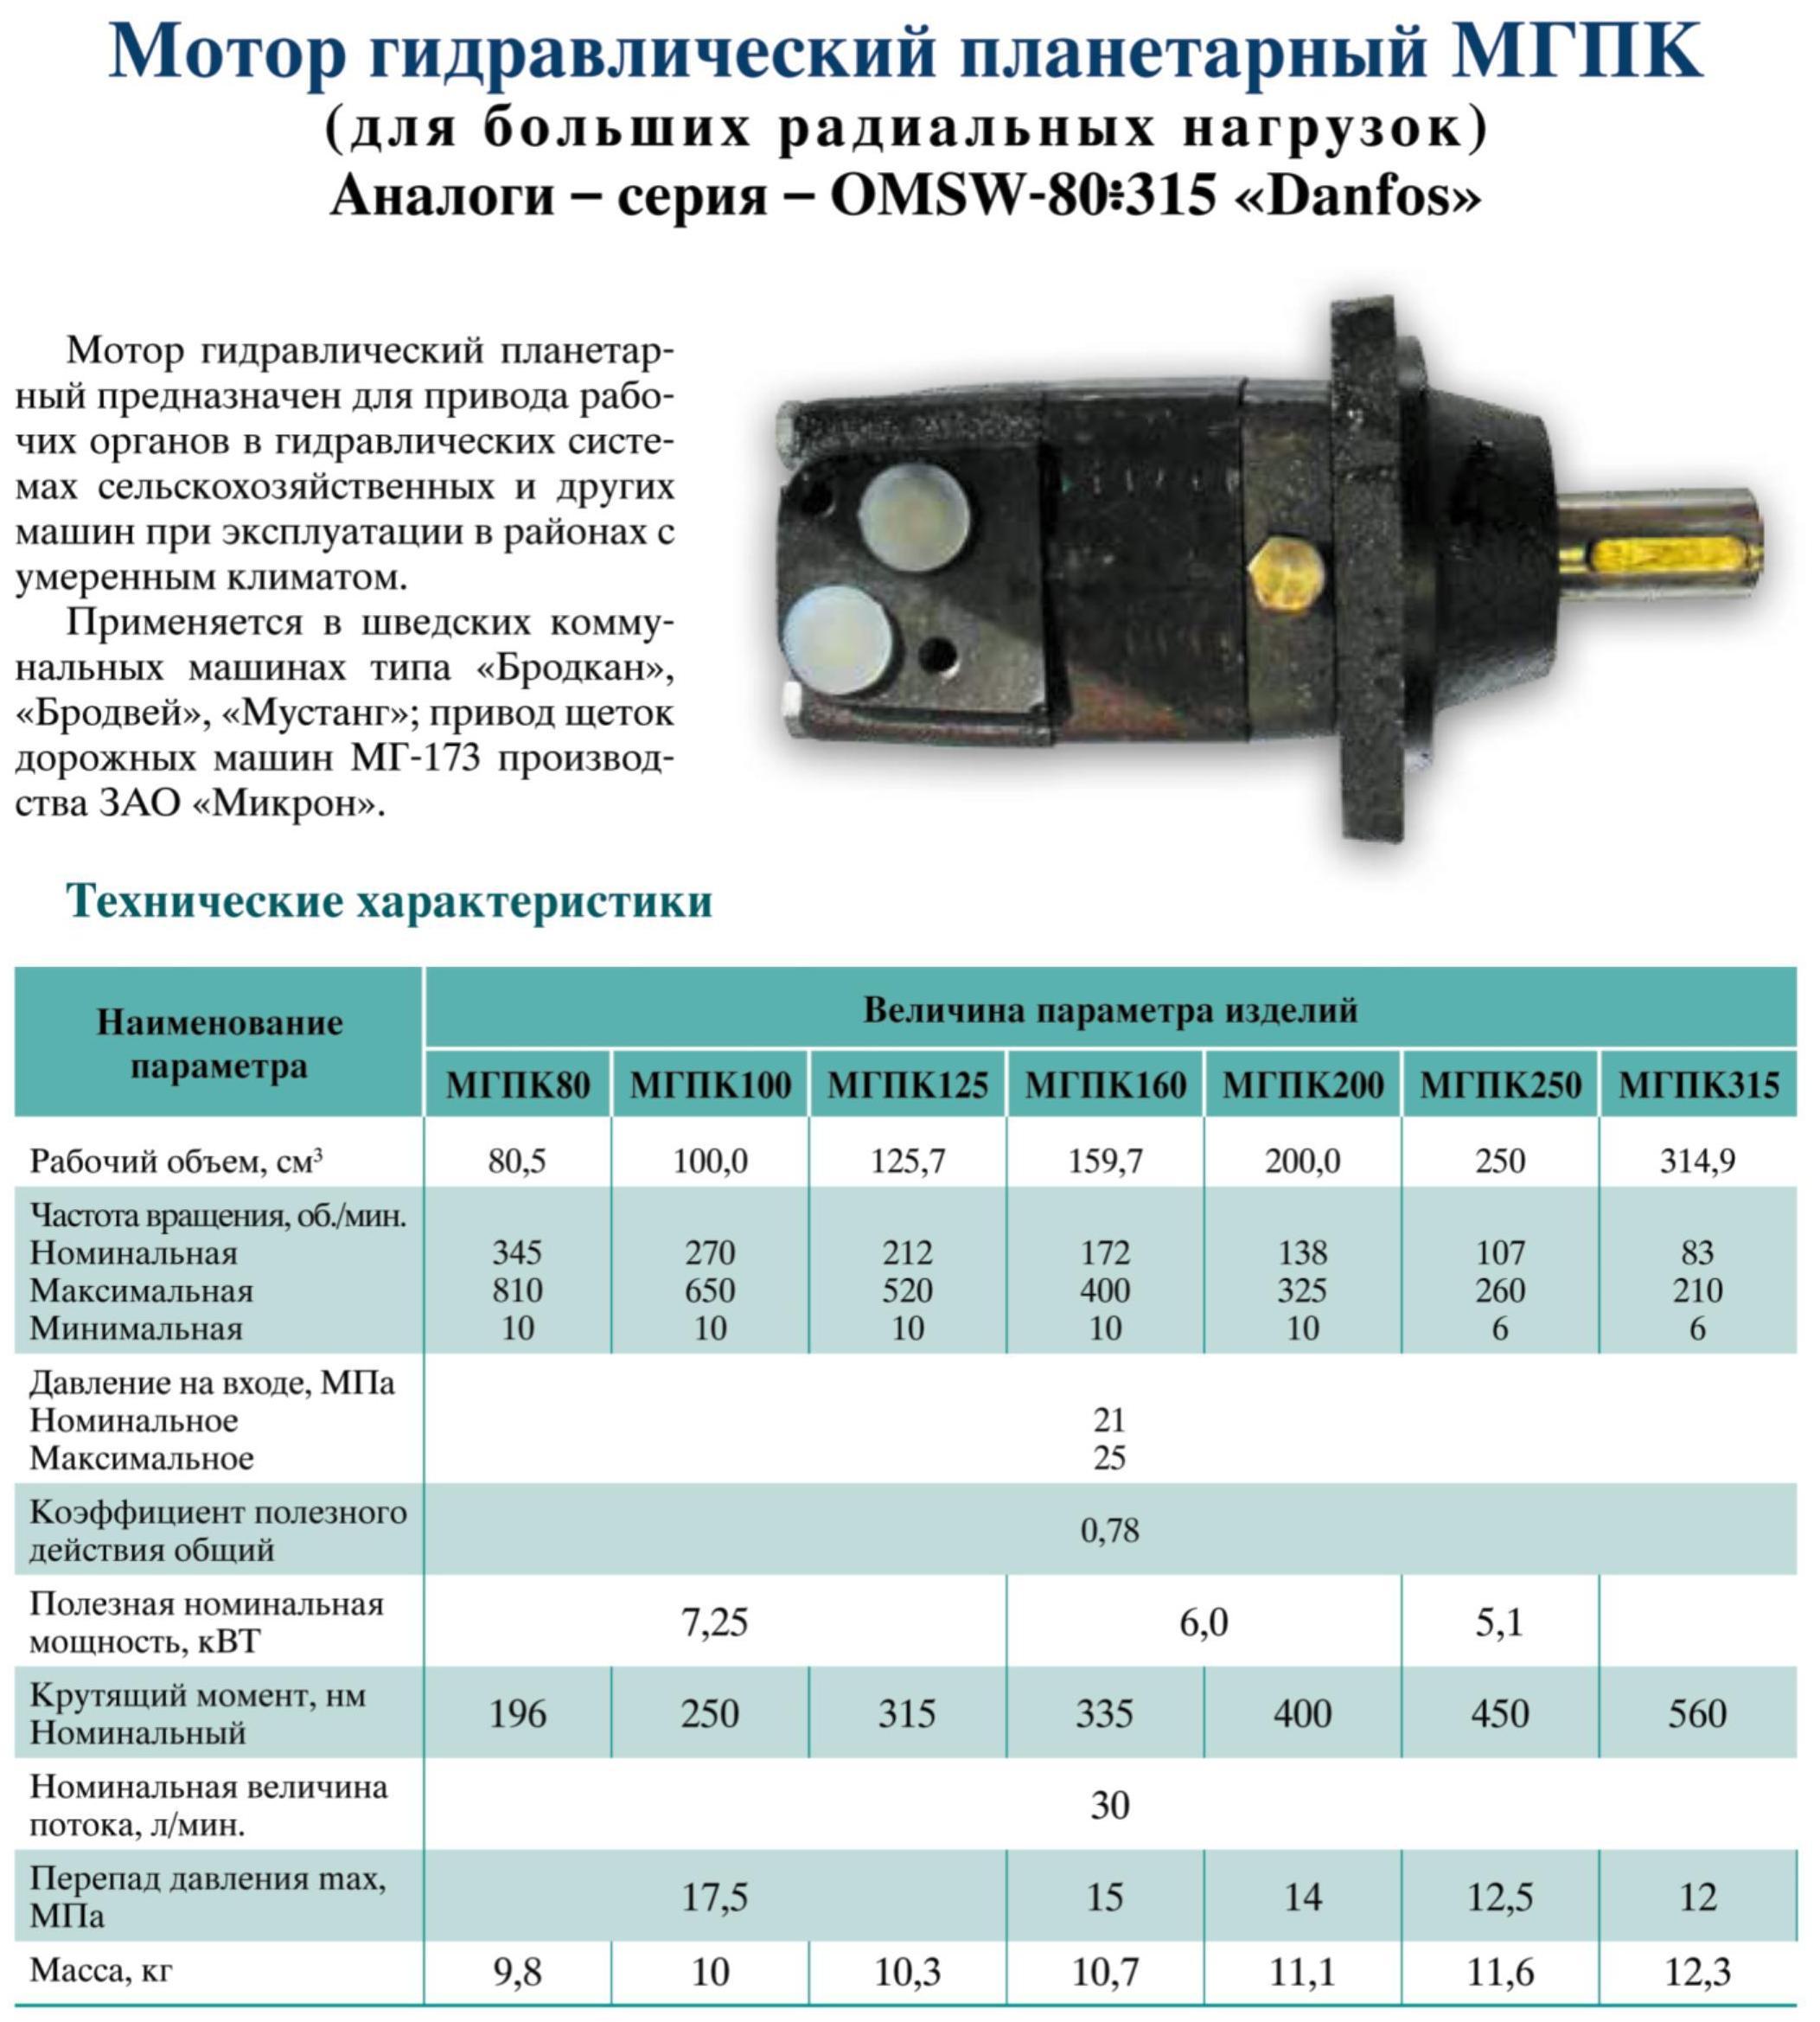 МГПК 200 гидромотор фото, схема, параметры, таблица, паспорт, инструкция, характеристики, завод изготовитель, производитель